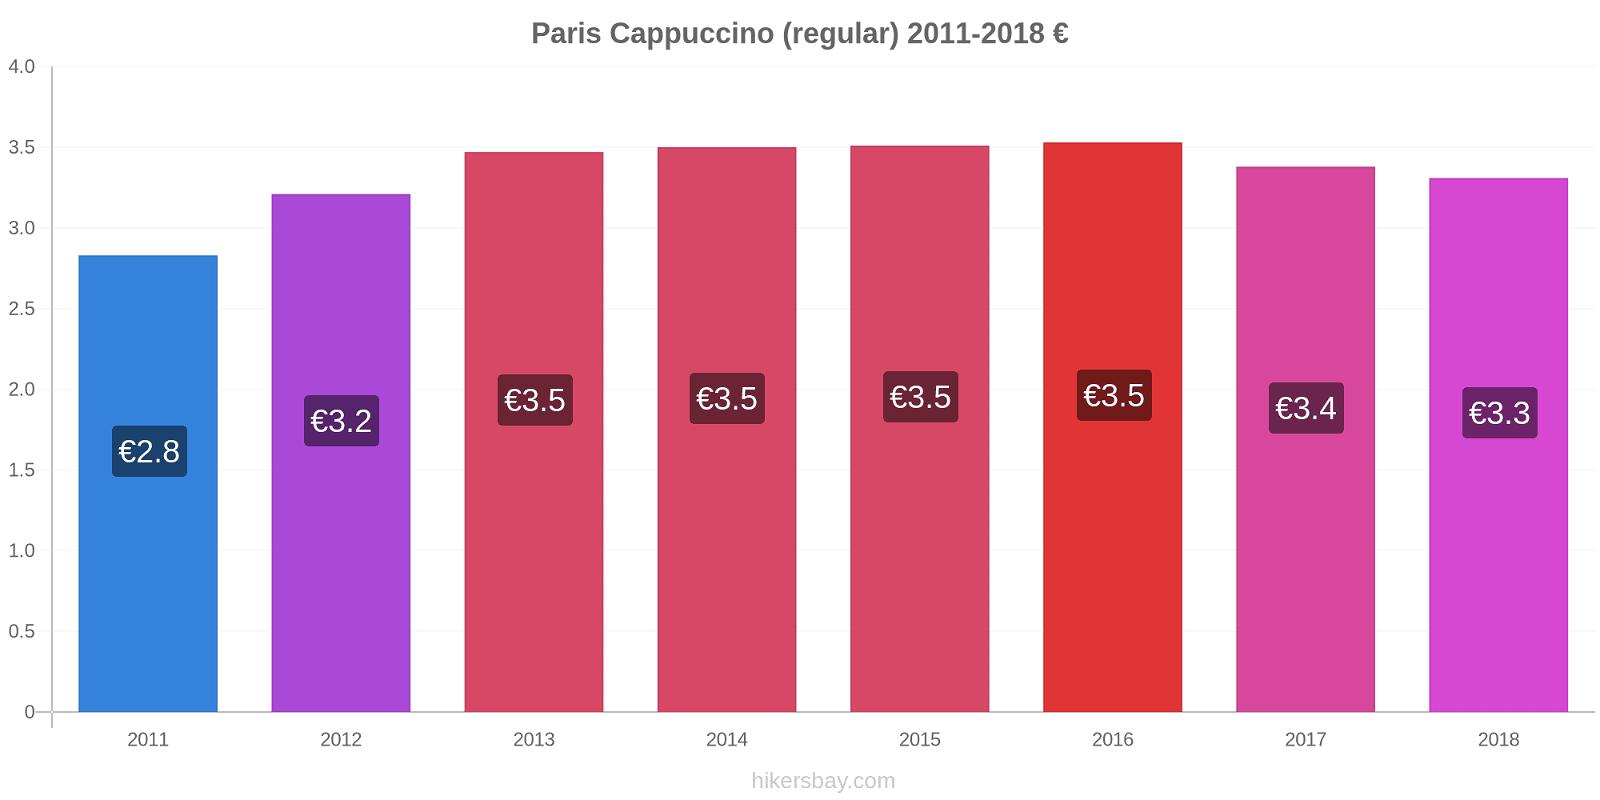 Paris price changes Cappuccino (regular) hikersbay.com